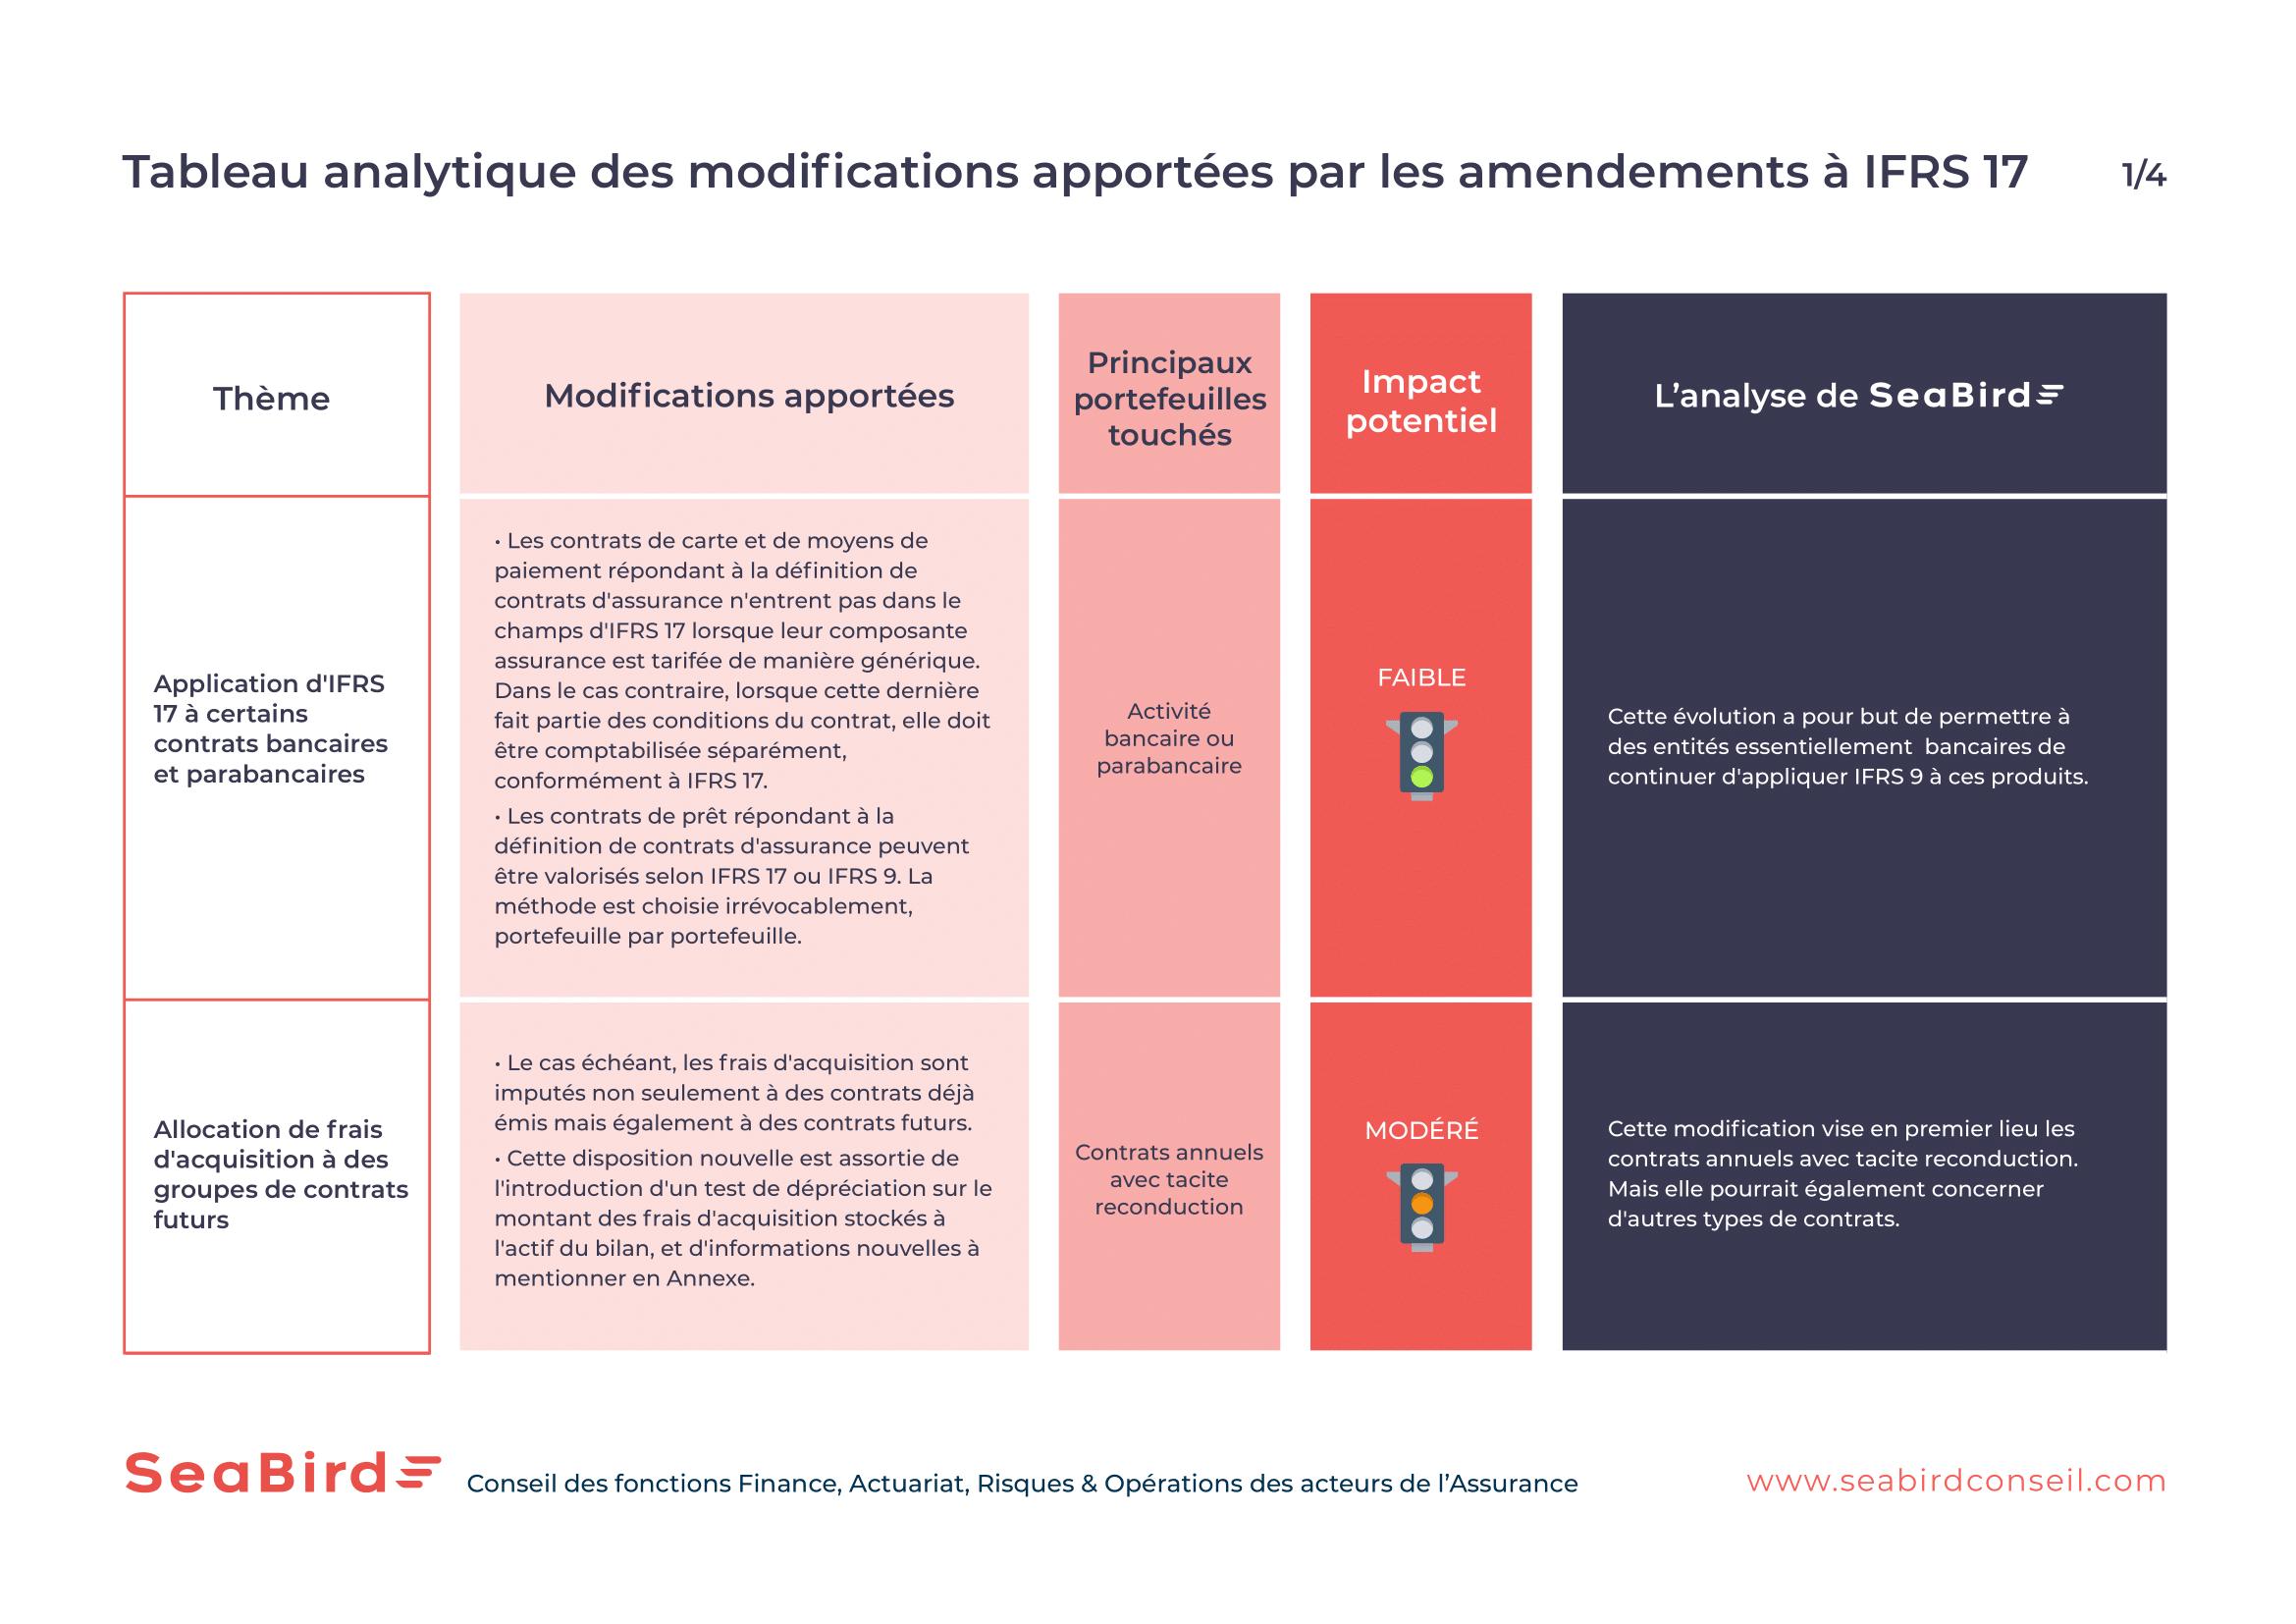 Tableau analytique des modifications apportées par les amendements à IFRS17 1/4